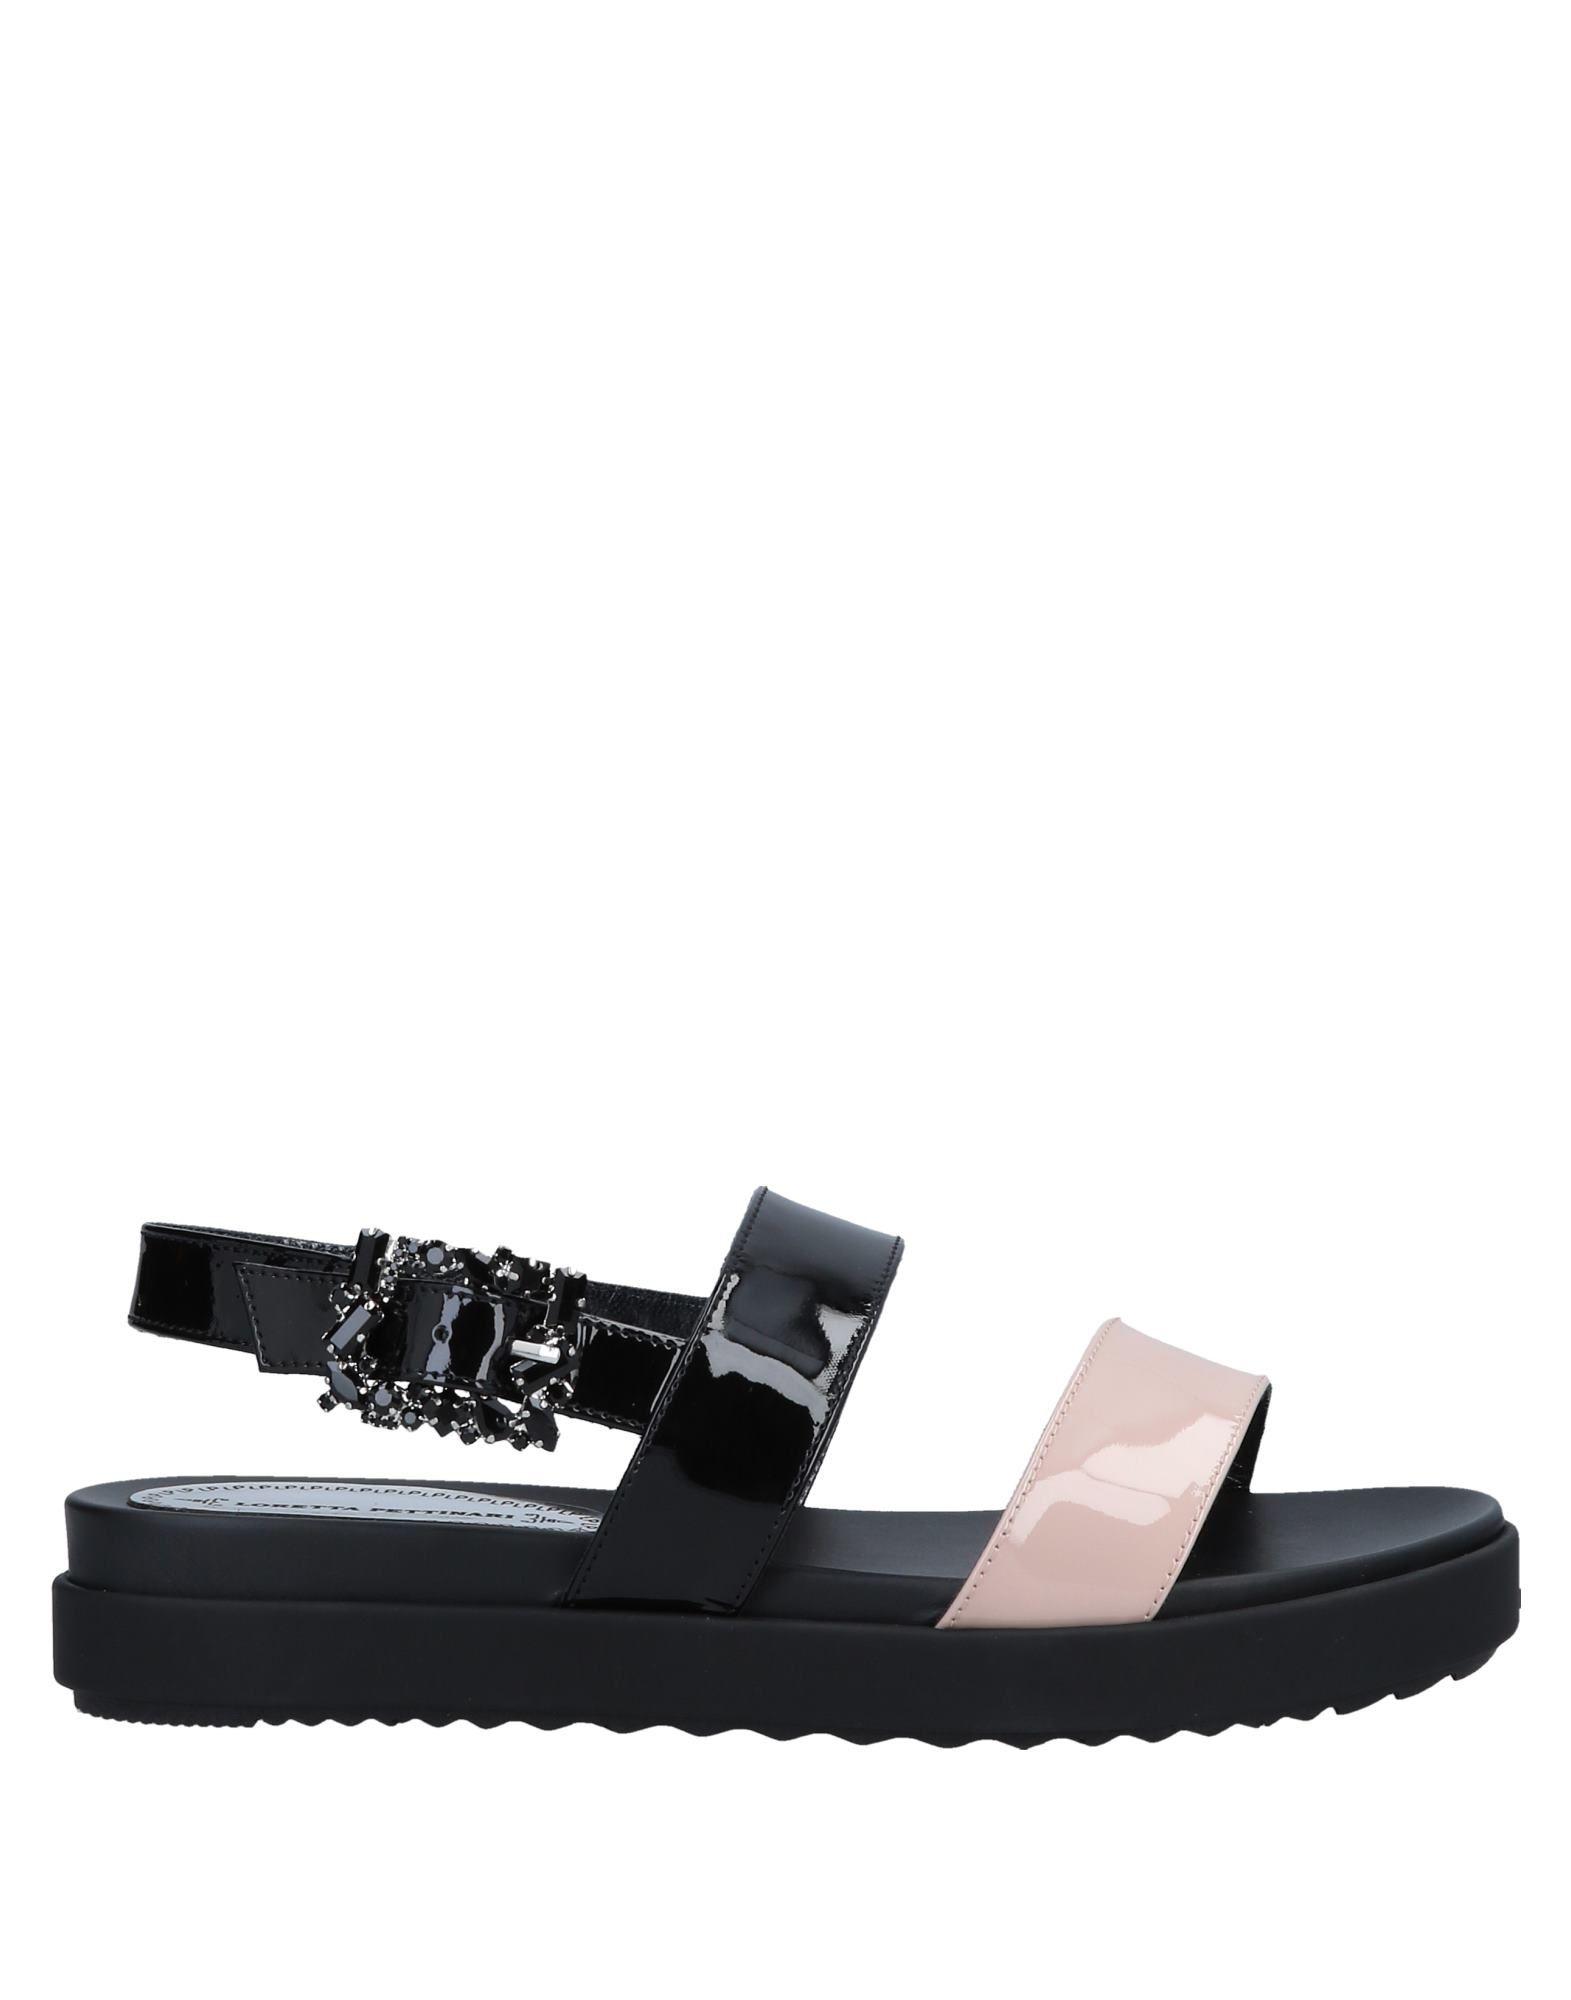 74abf11c9 Loretta Pettinari Sandals - - - Women Loretta Pettinari Sandals online on  Canada - 11565176DR 87f56f